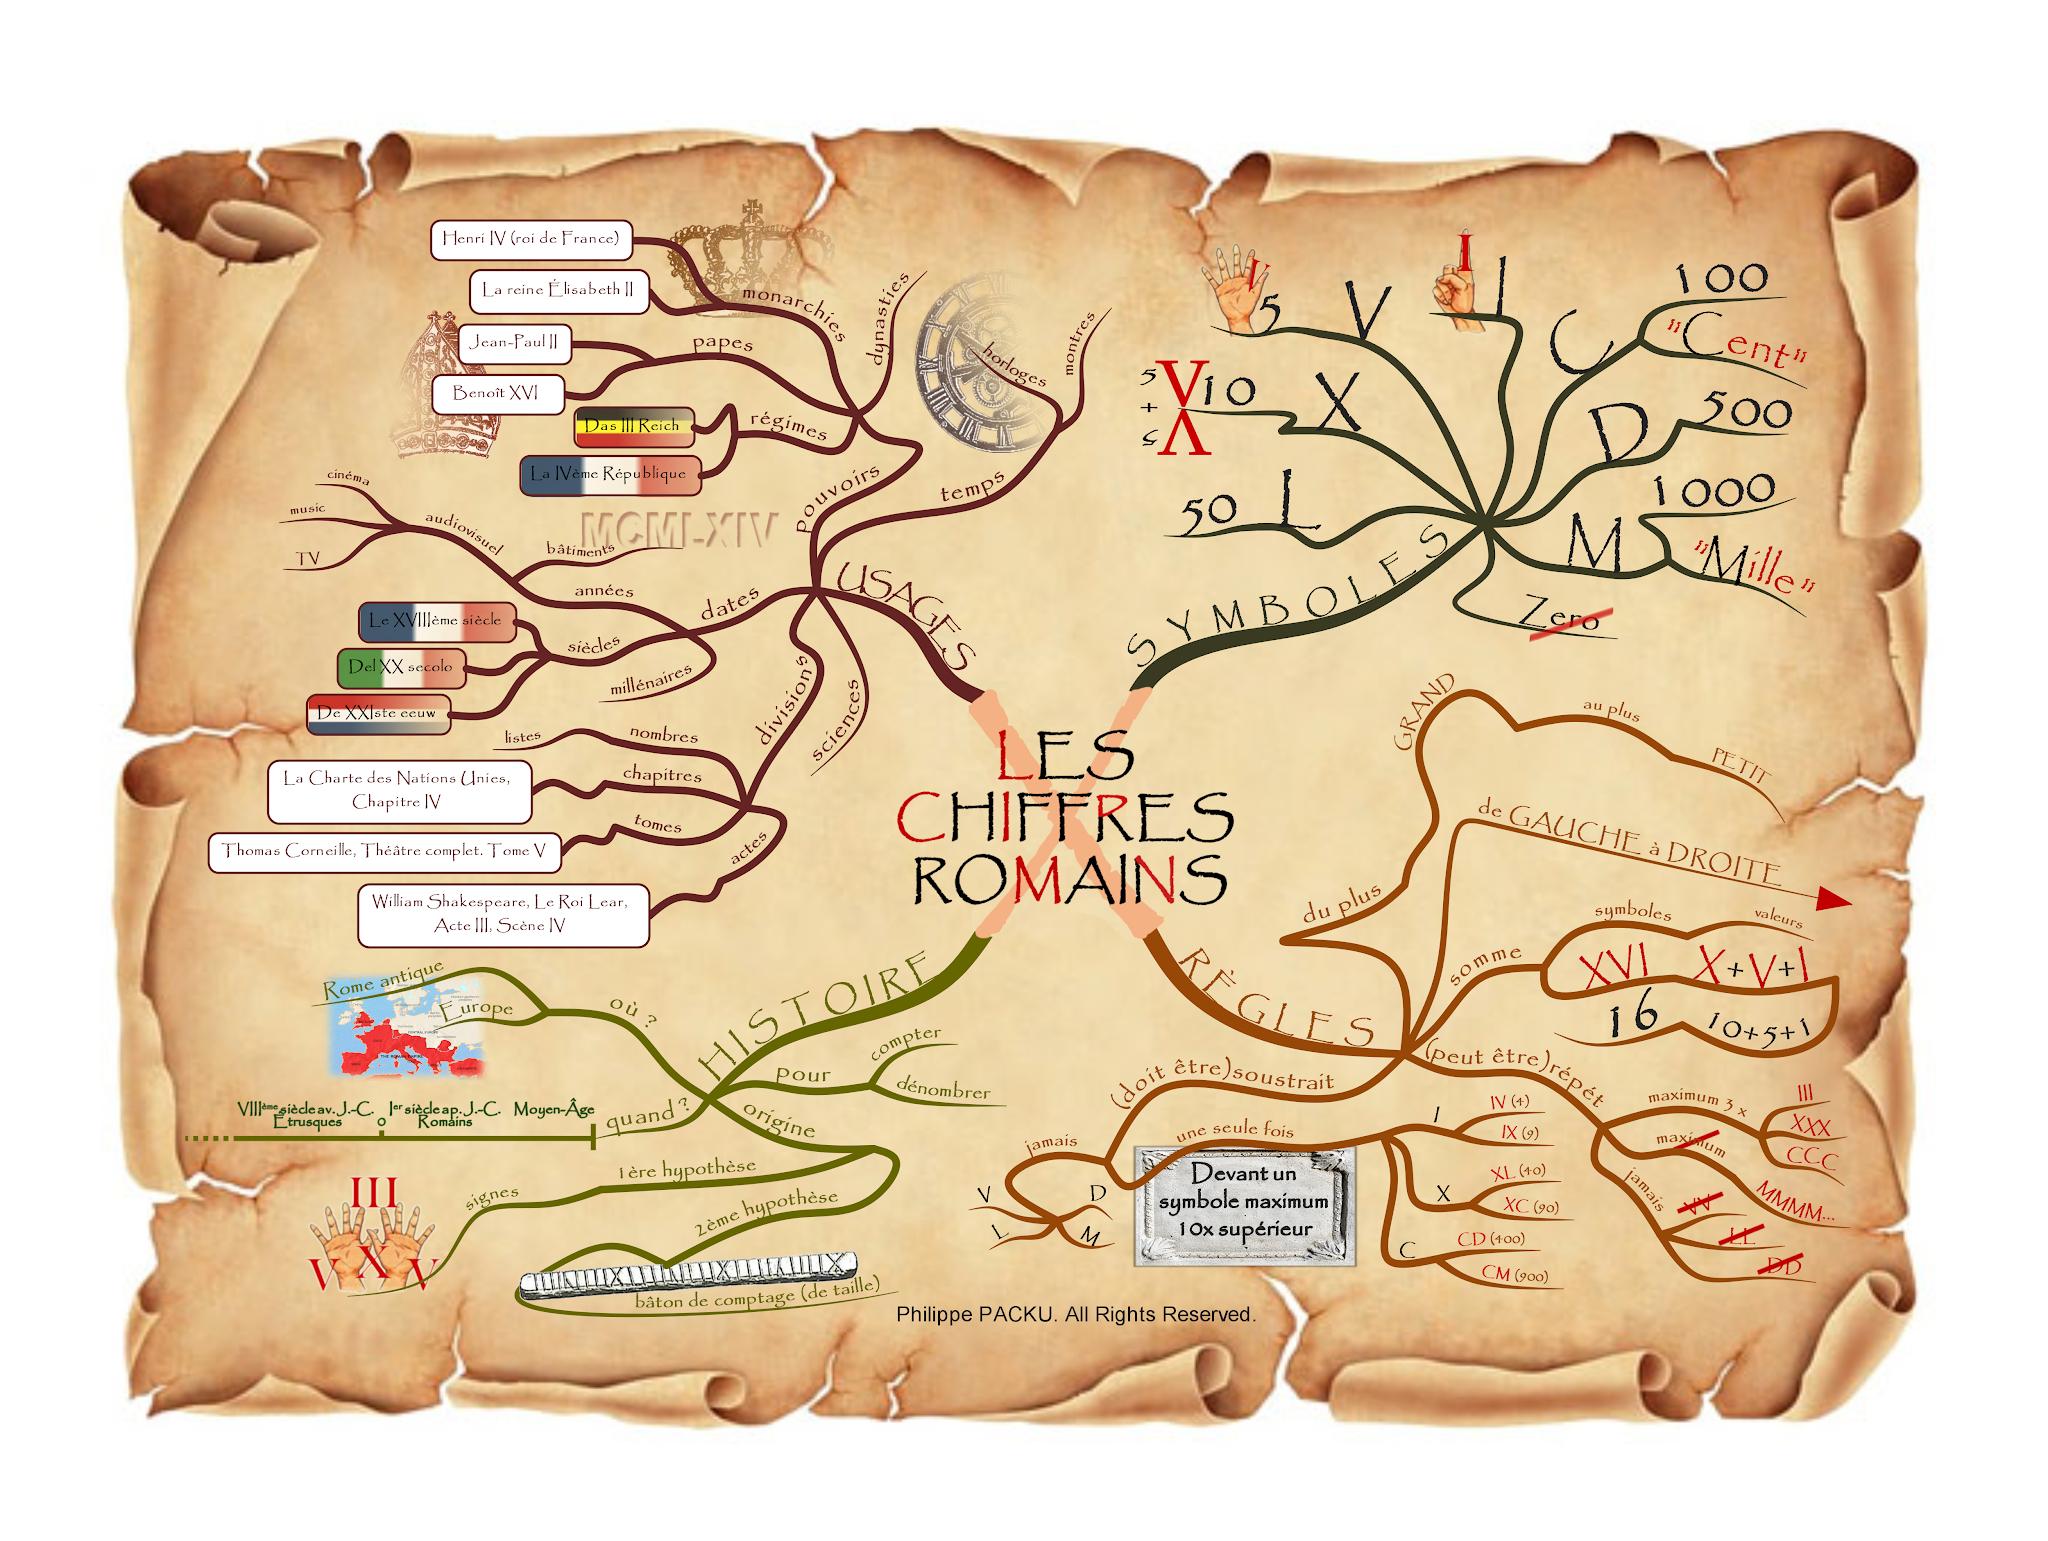 Dessine-Moi Une Idée Asbl - Apprendre Avec Le Mind Mapping À dedans Apprendre Les Chiffres Romains